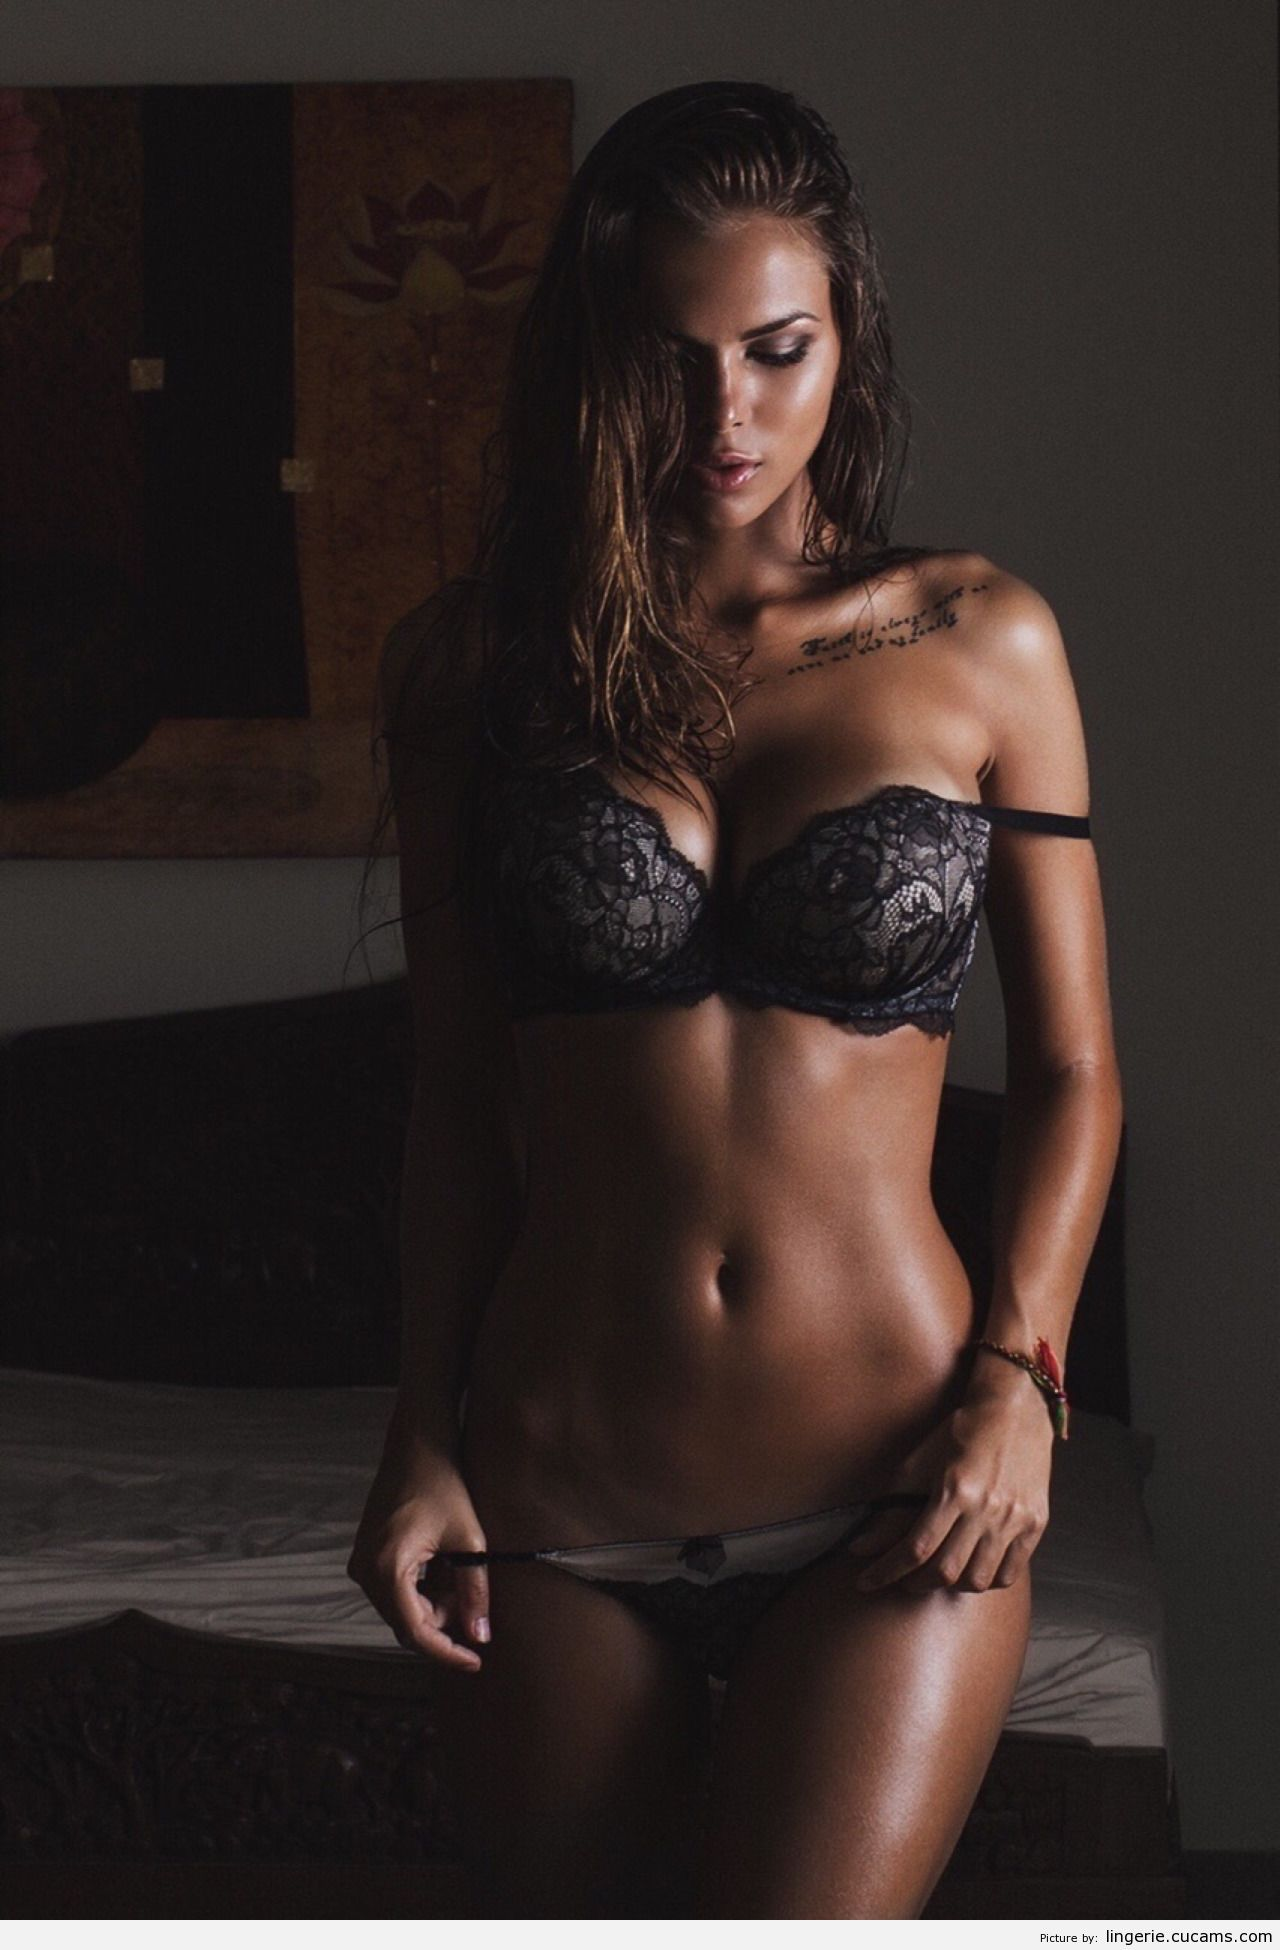 Lingerie MILF Surprise by lingerie.cucams.com